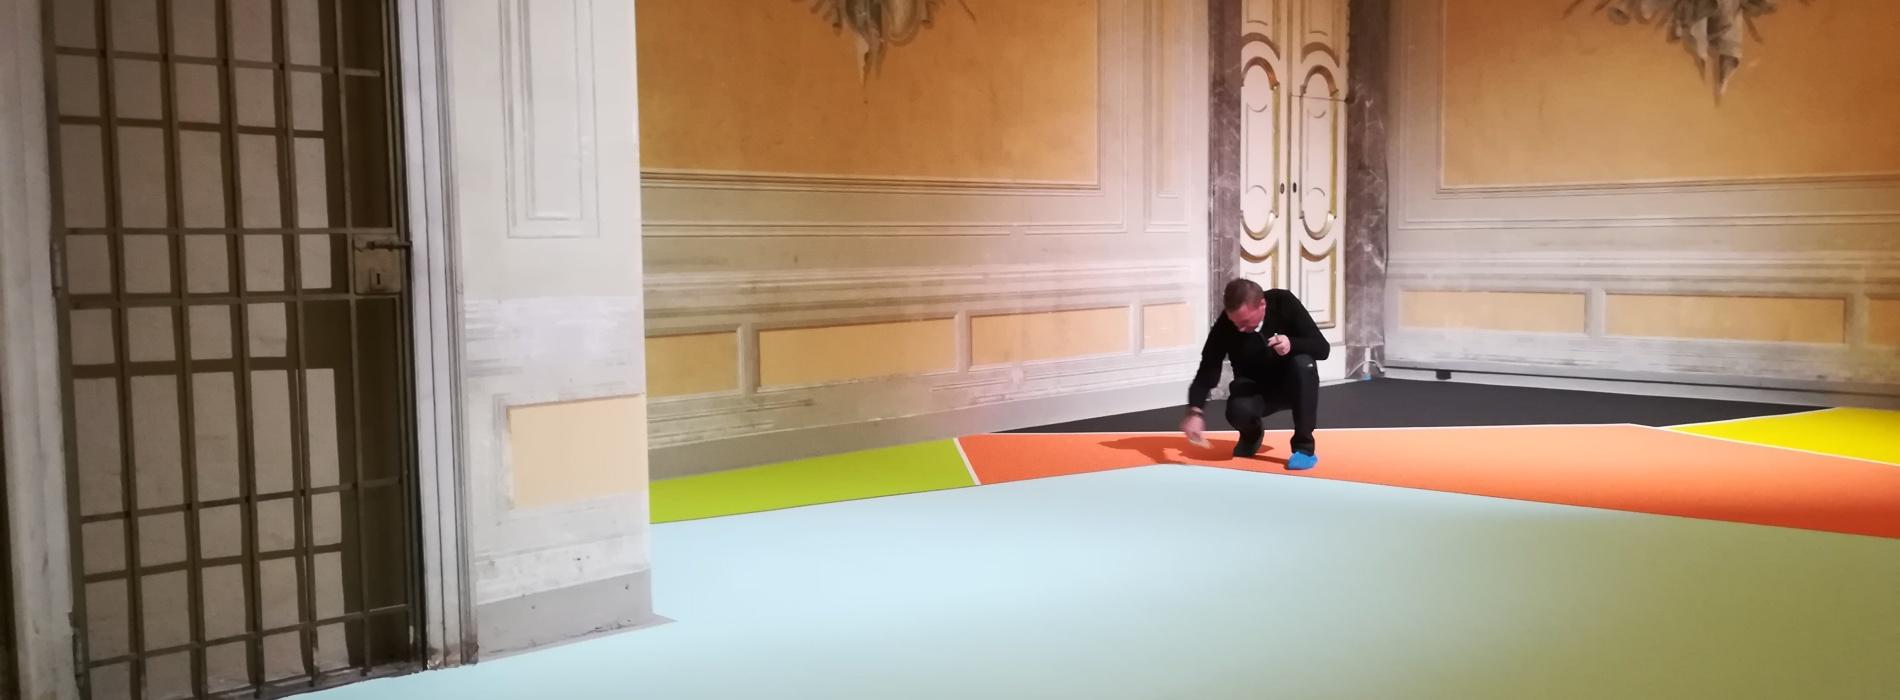 La mostra di Marco Casentini alla Reggia di Caserta